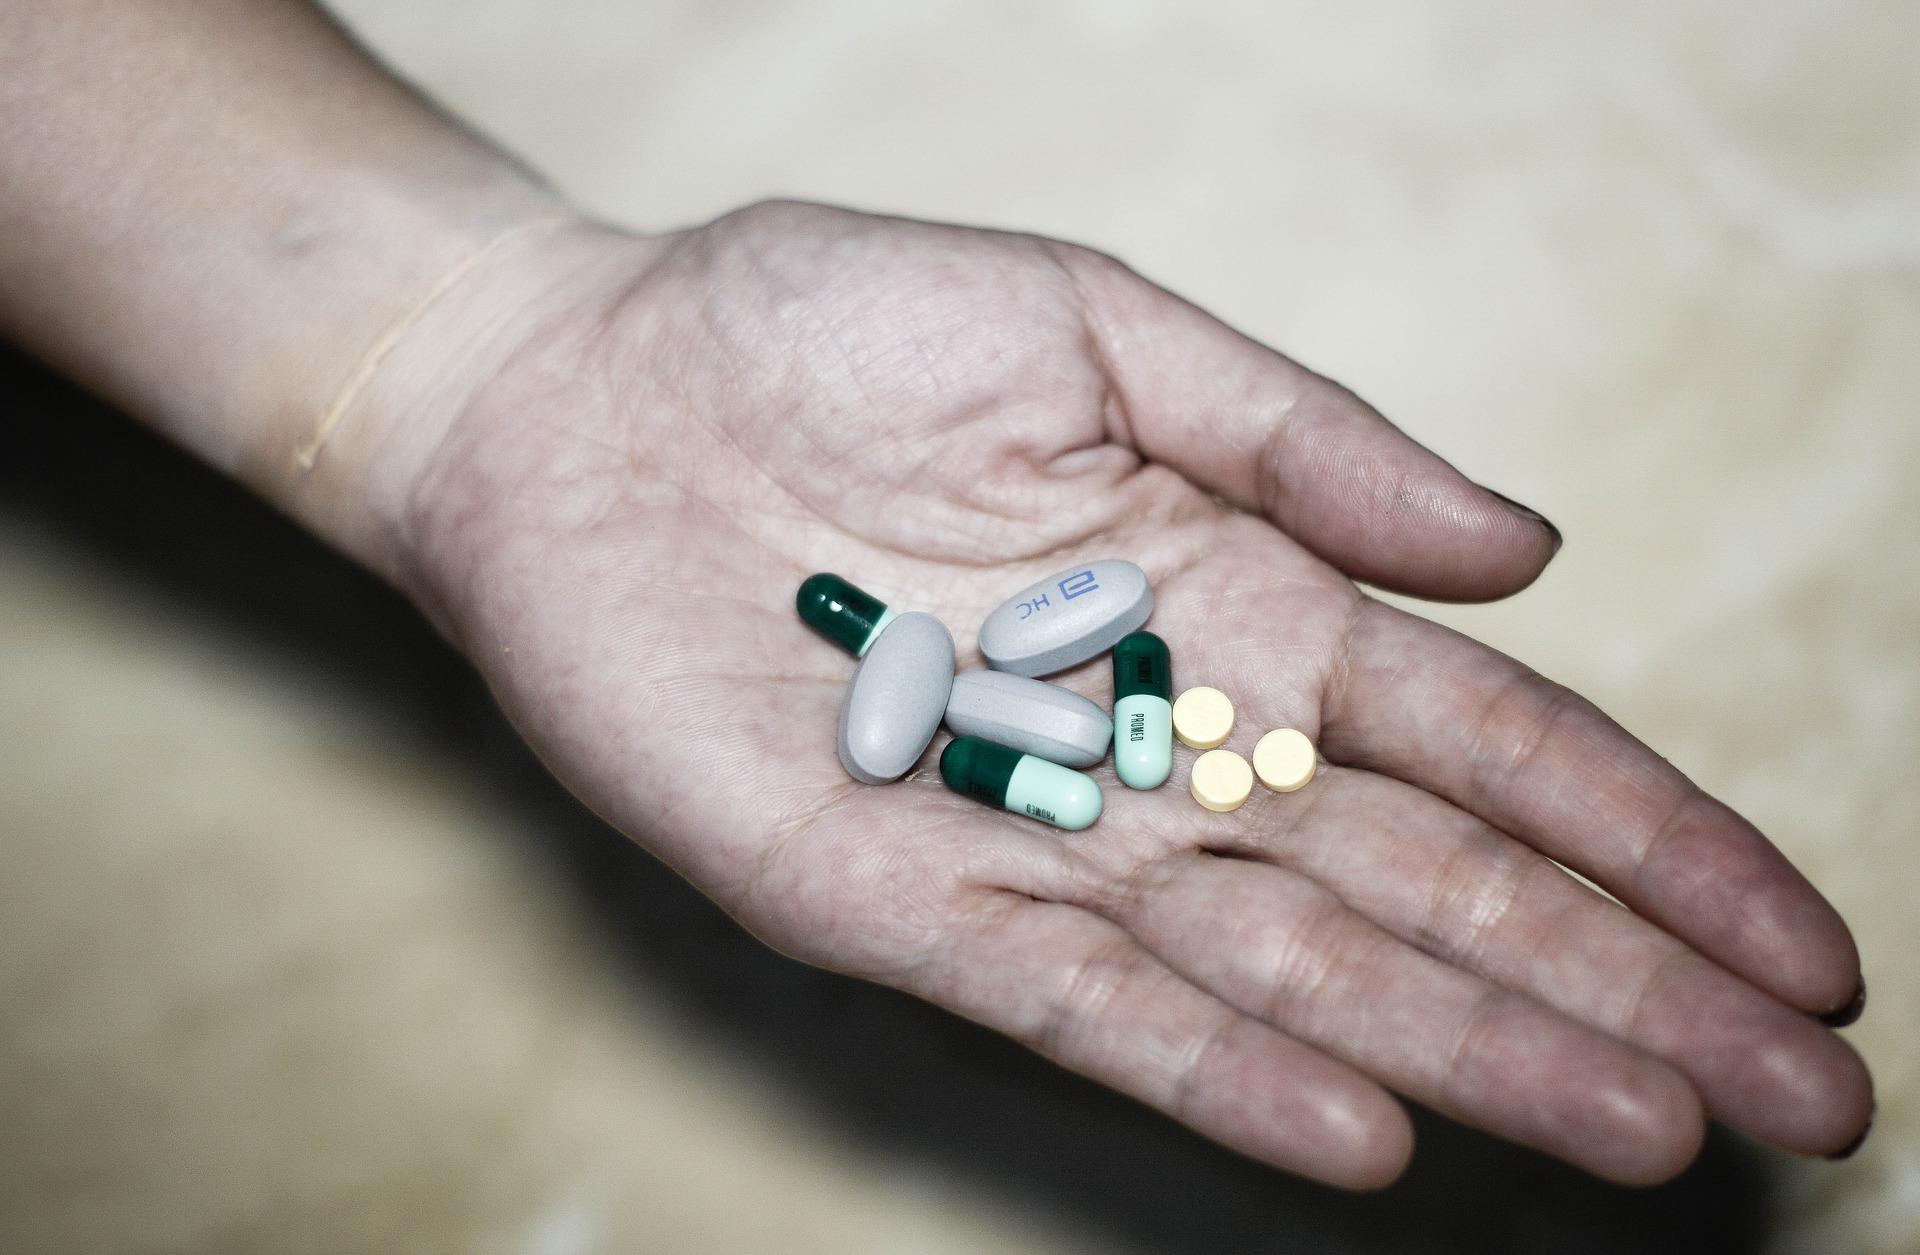 kiêng cử thuốc kích thích sau sinh